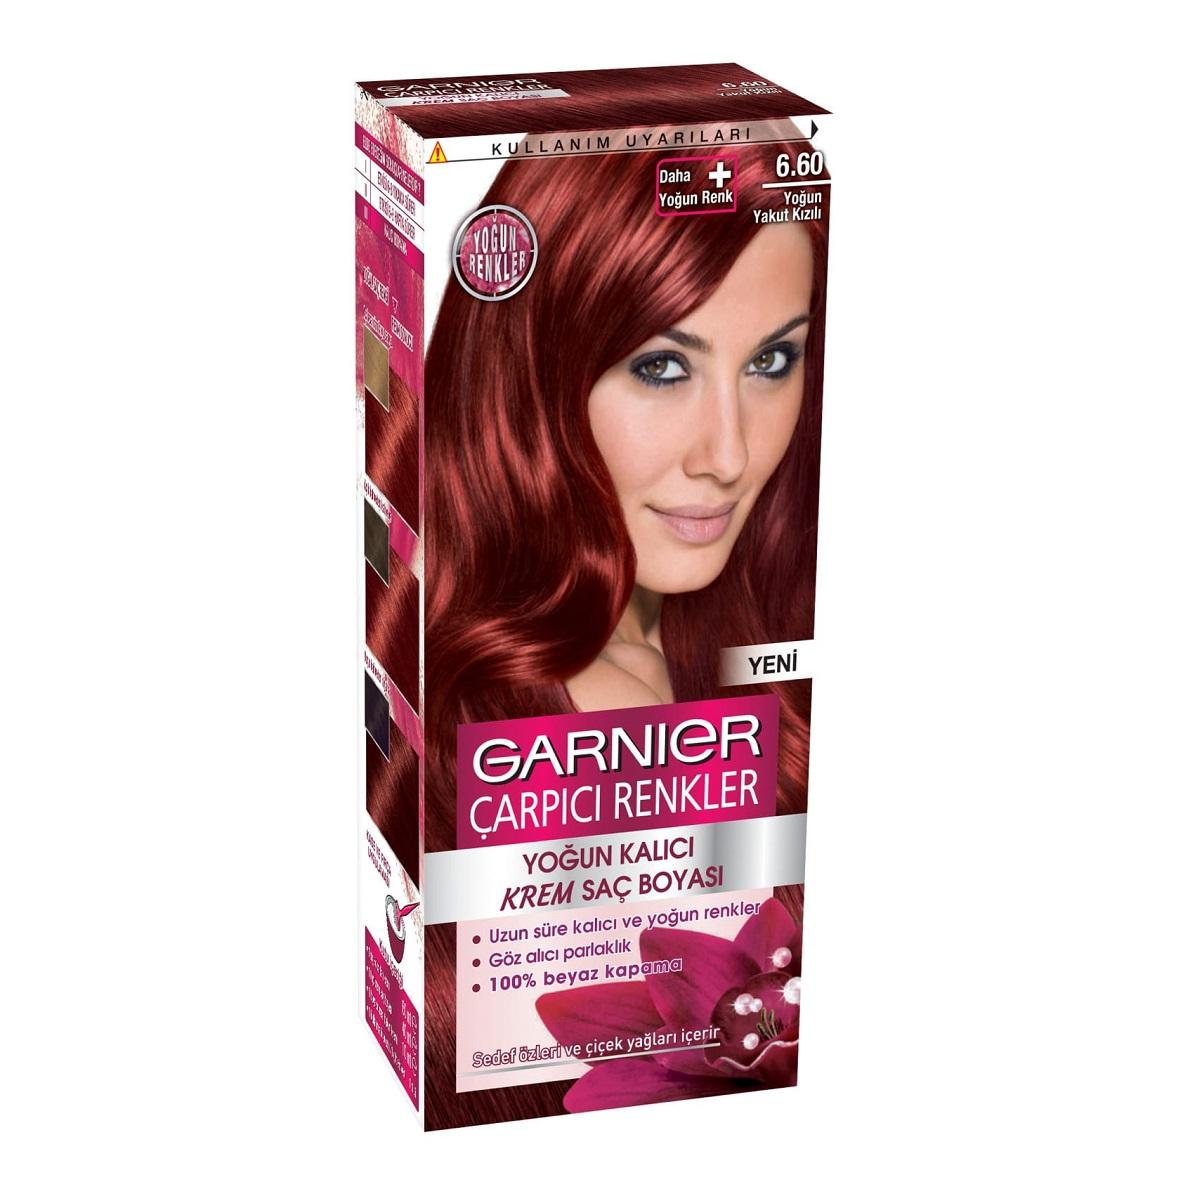 garnier çarpıcı renkler saç boyası